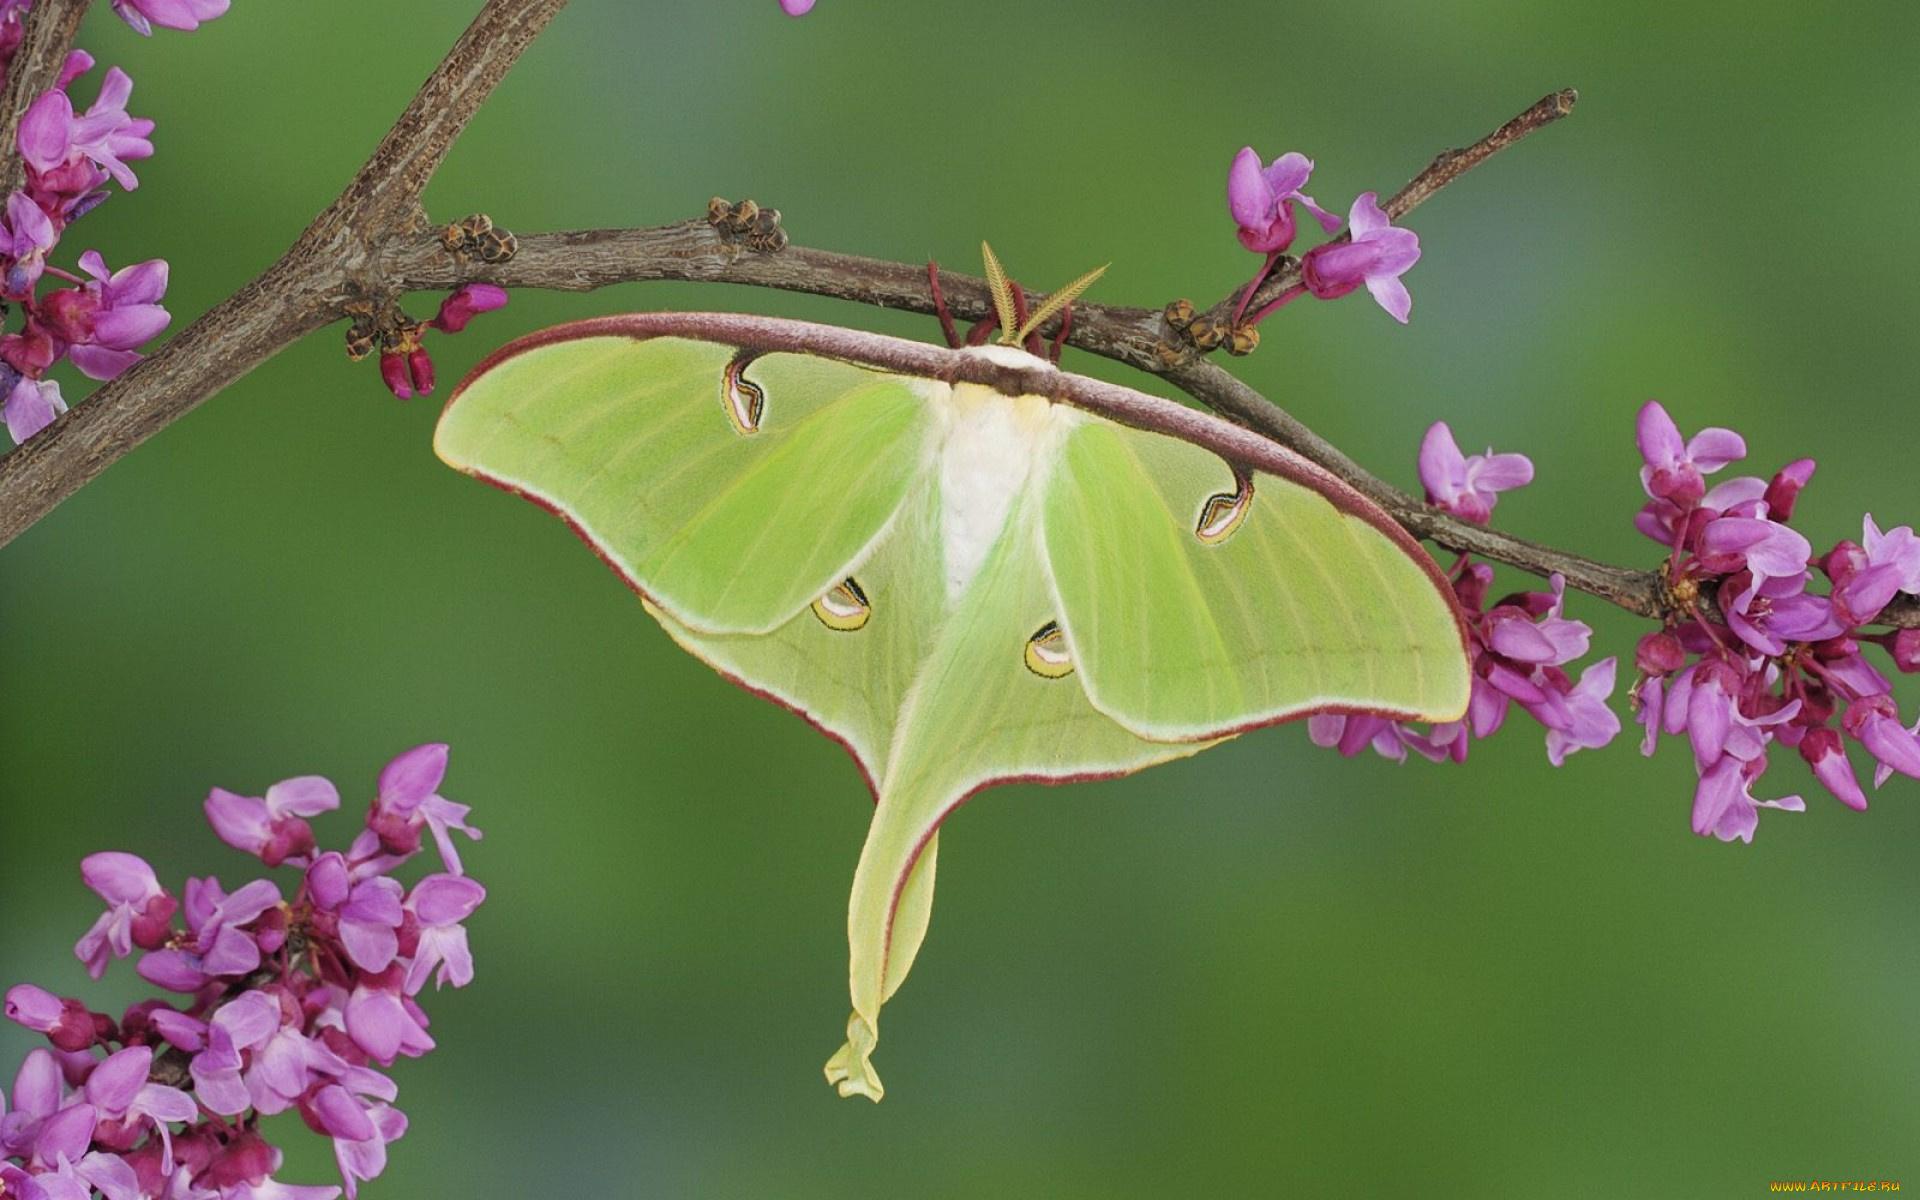 Бабочки на земле бесплатно